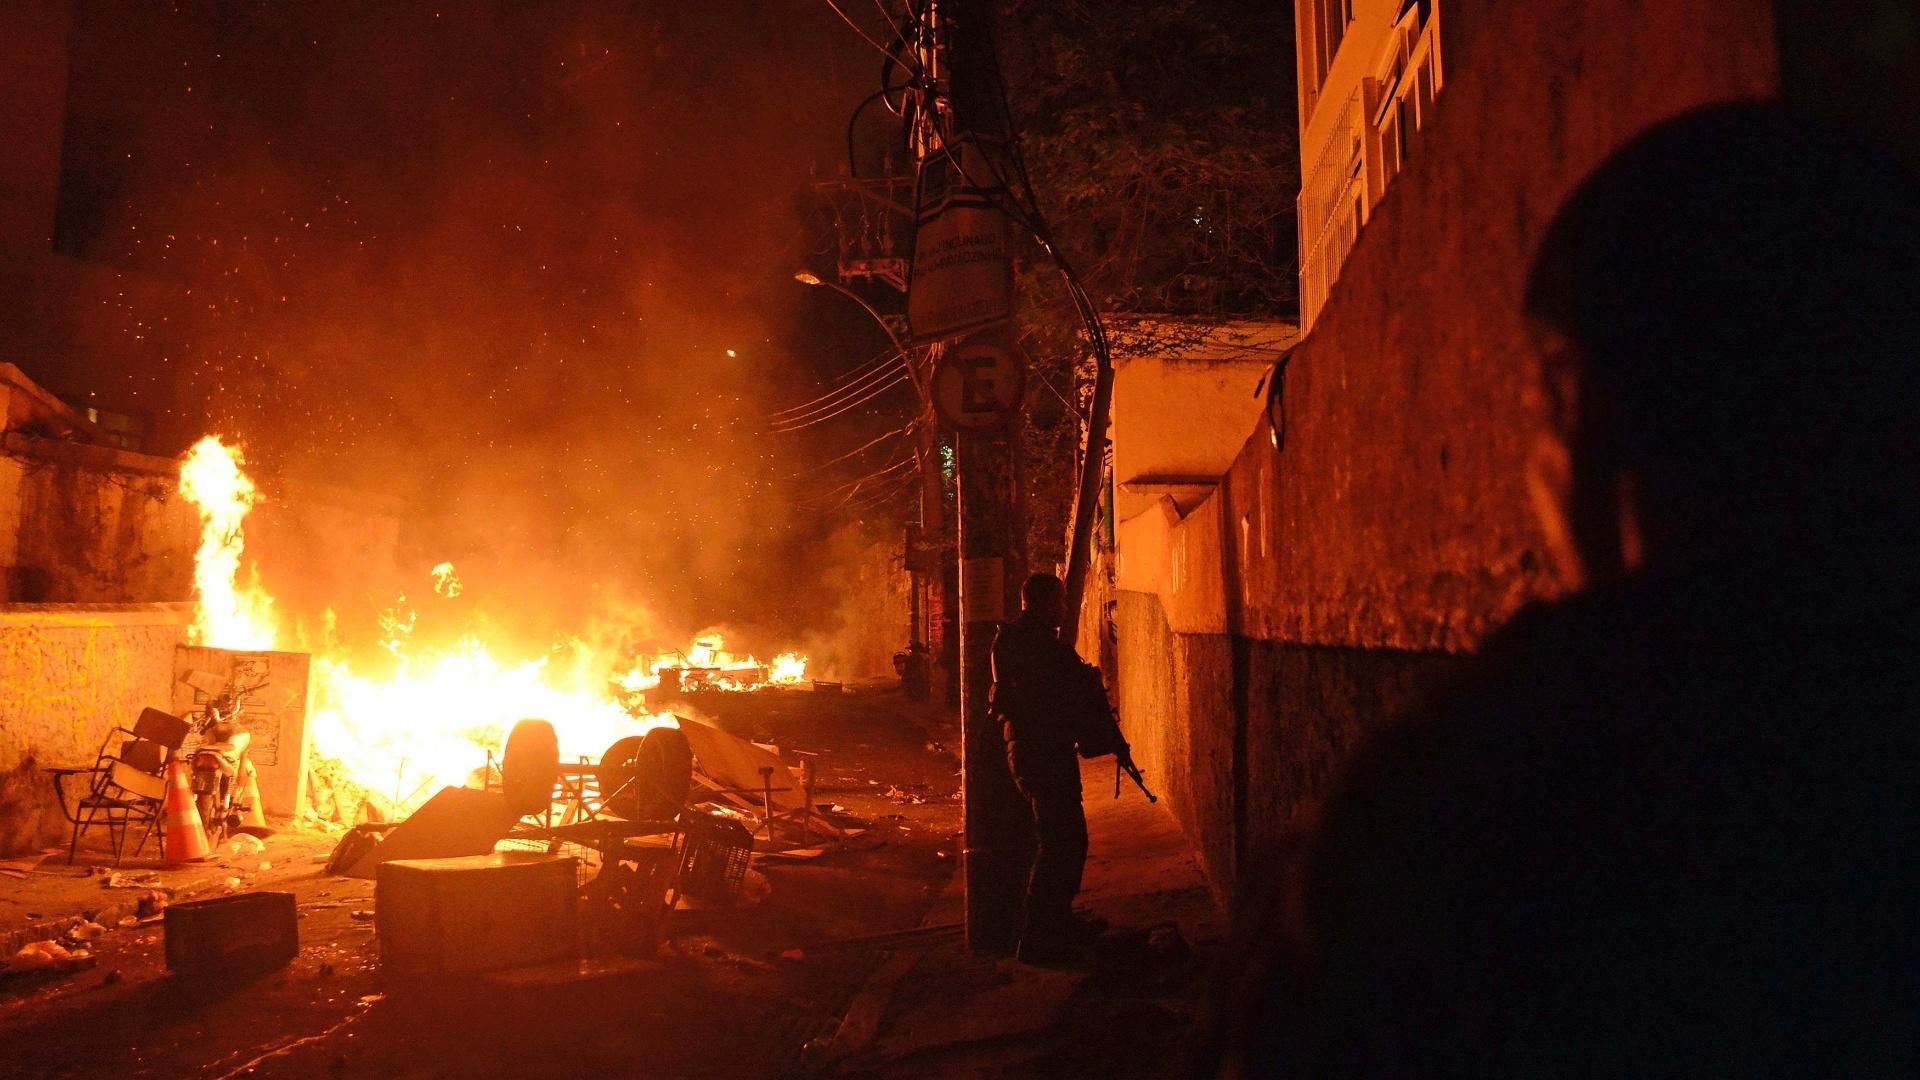 22abr2014---policiais-tomam-posicao-proximos-a-barricada-em-chamas-incendiada-por-moradores-da-favela-pavao-pavaozinho-em-copacabana-na-zona-sul-do-rio-de-janeiro-nesta-terca-feira-22-em-protesto-1398210905384_1920x1080.jpg